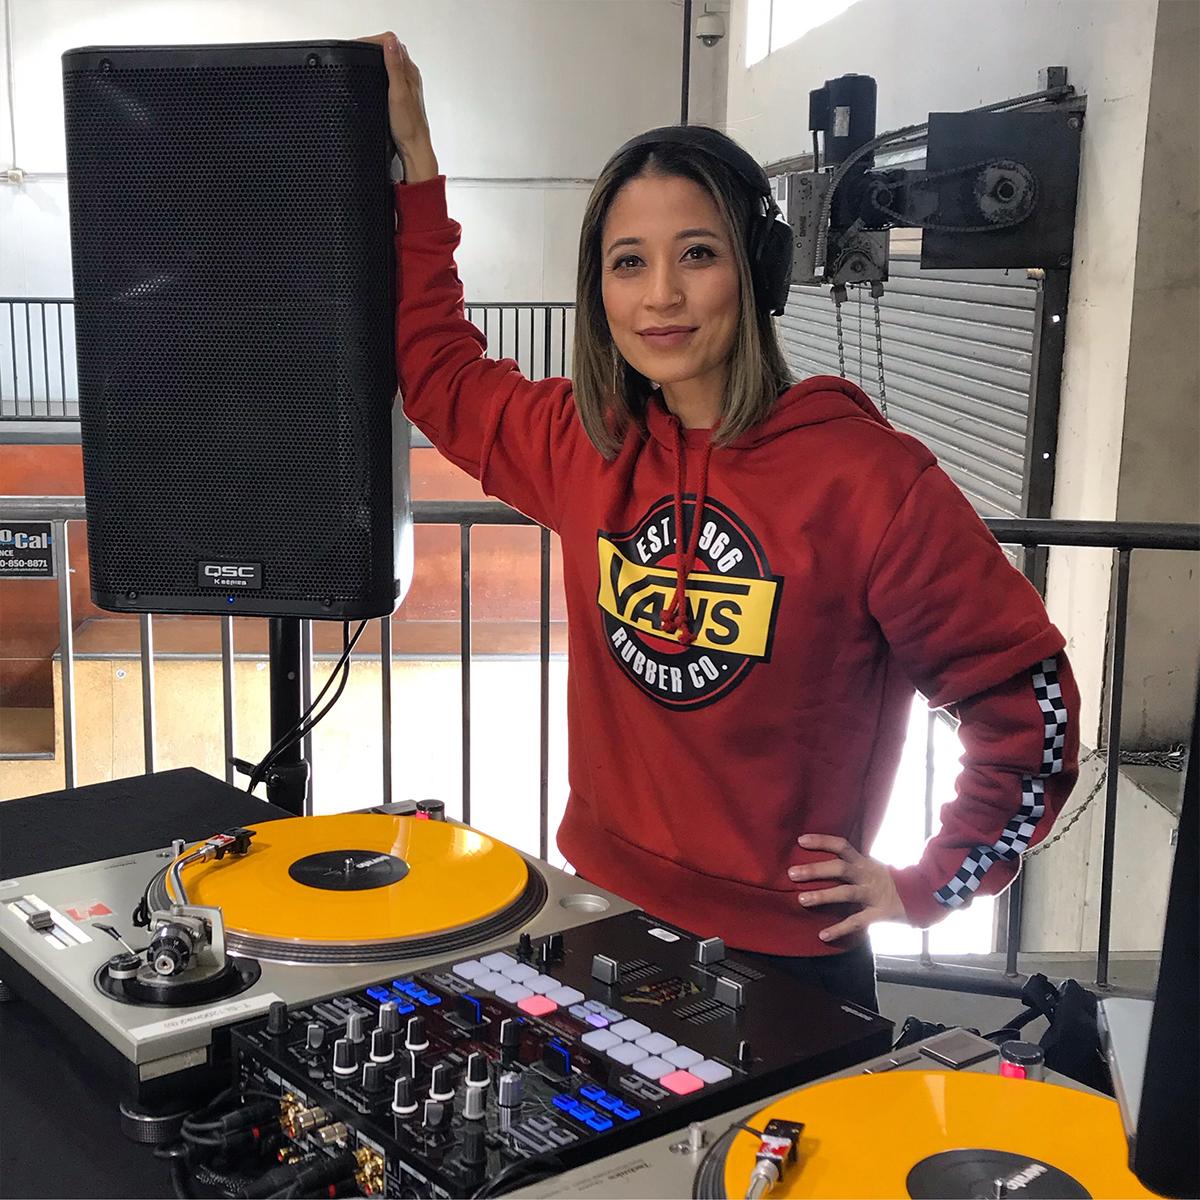 Vans - Tessa & Annalyze Prism DJs 3.jpg